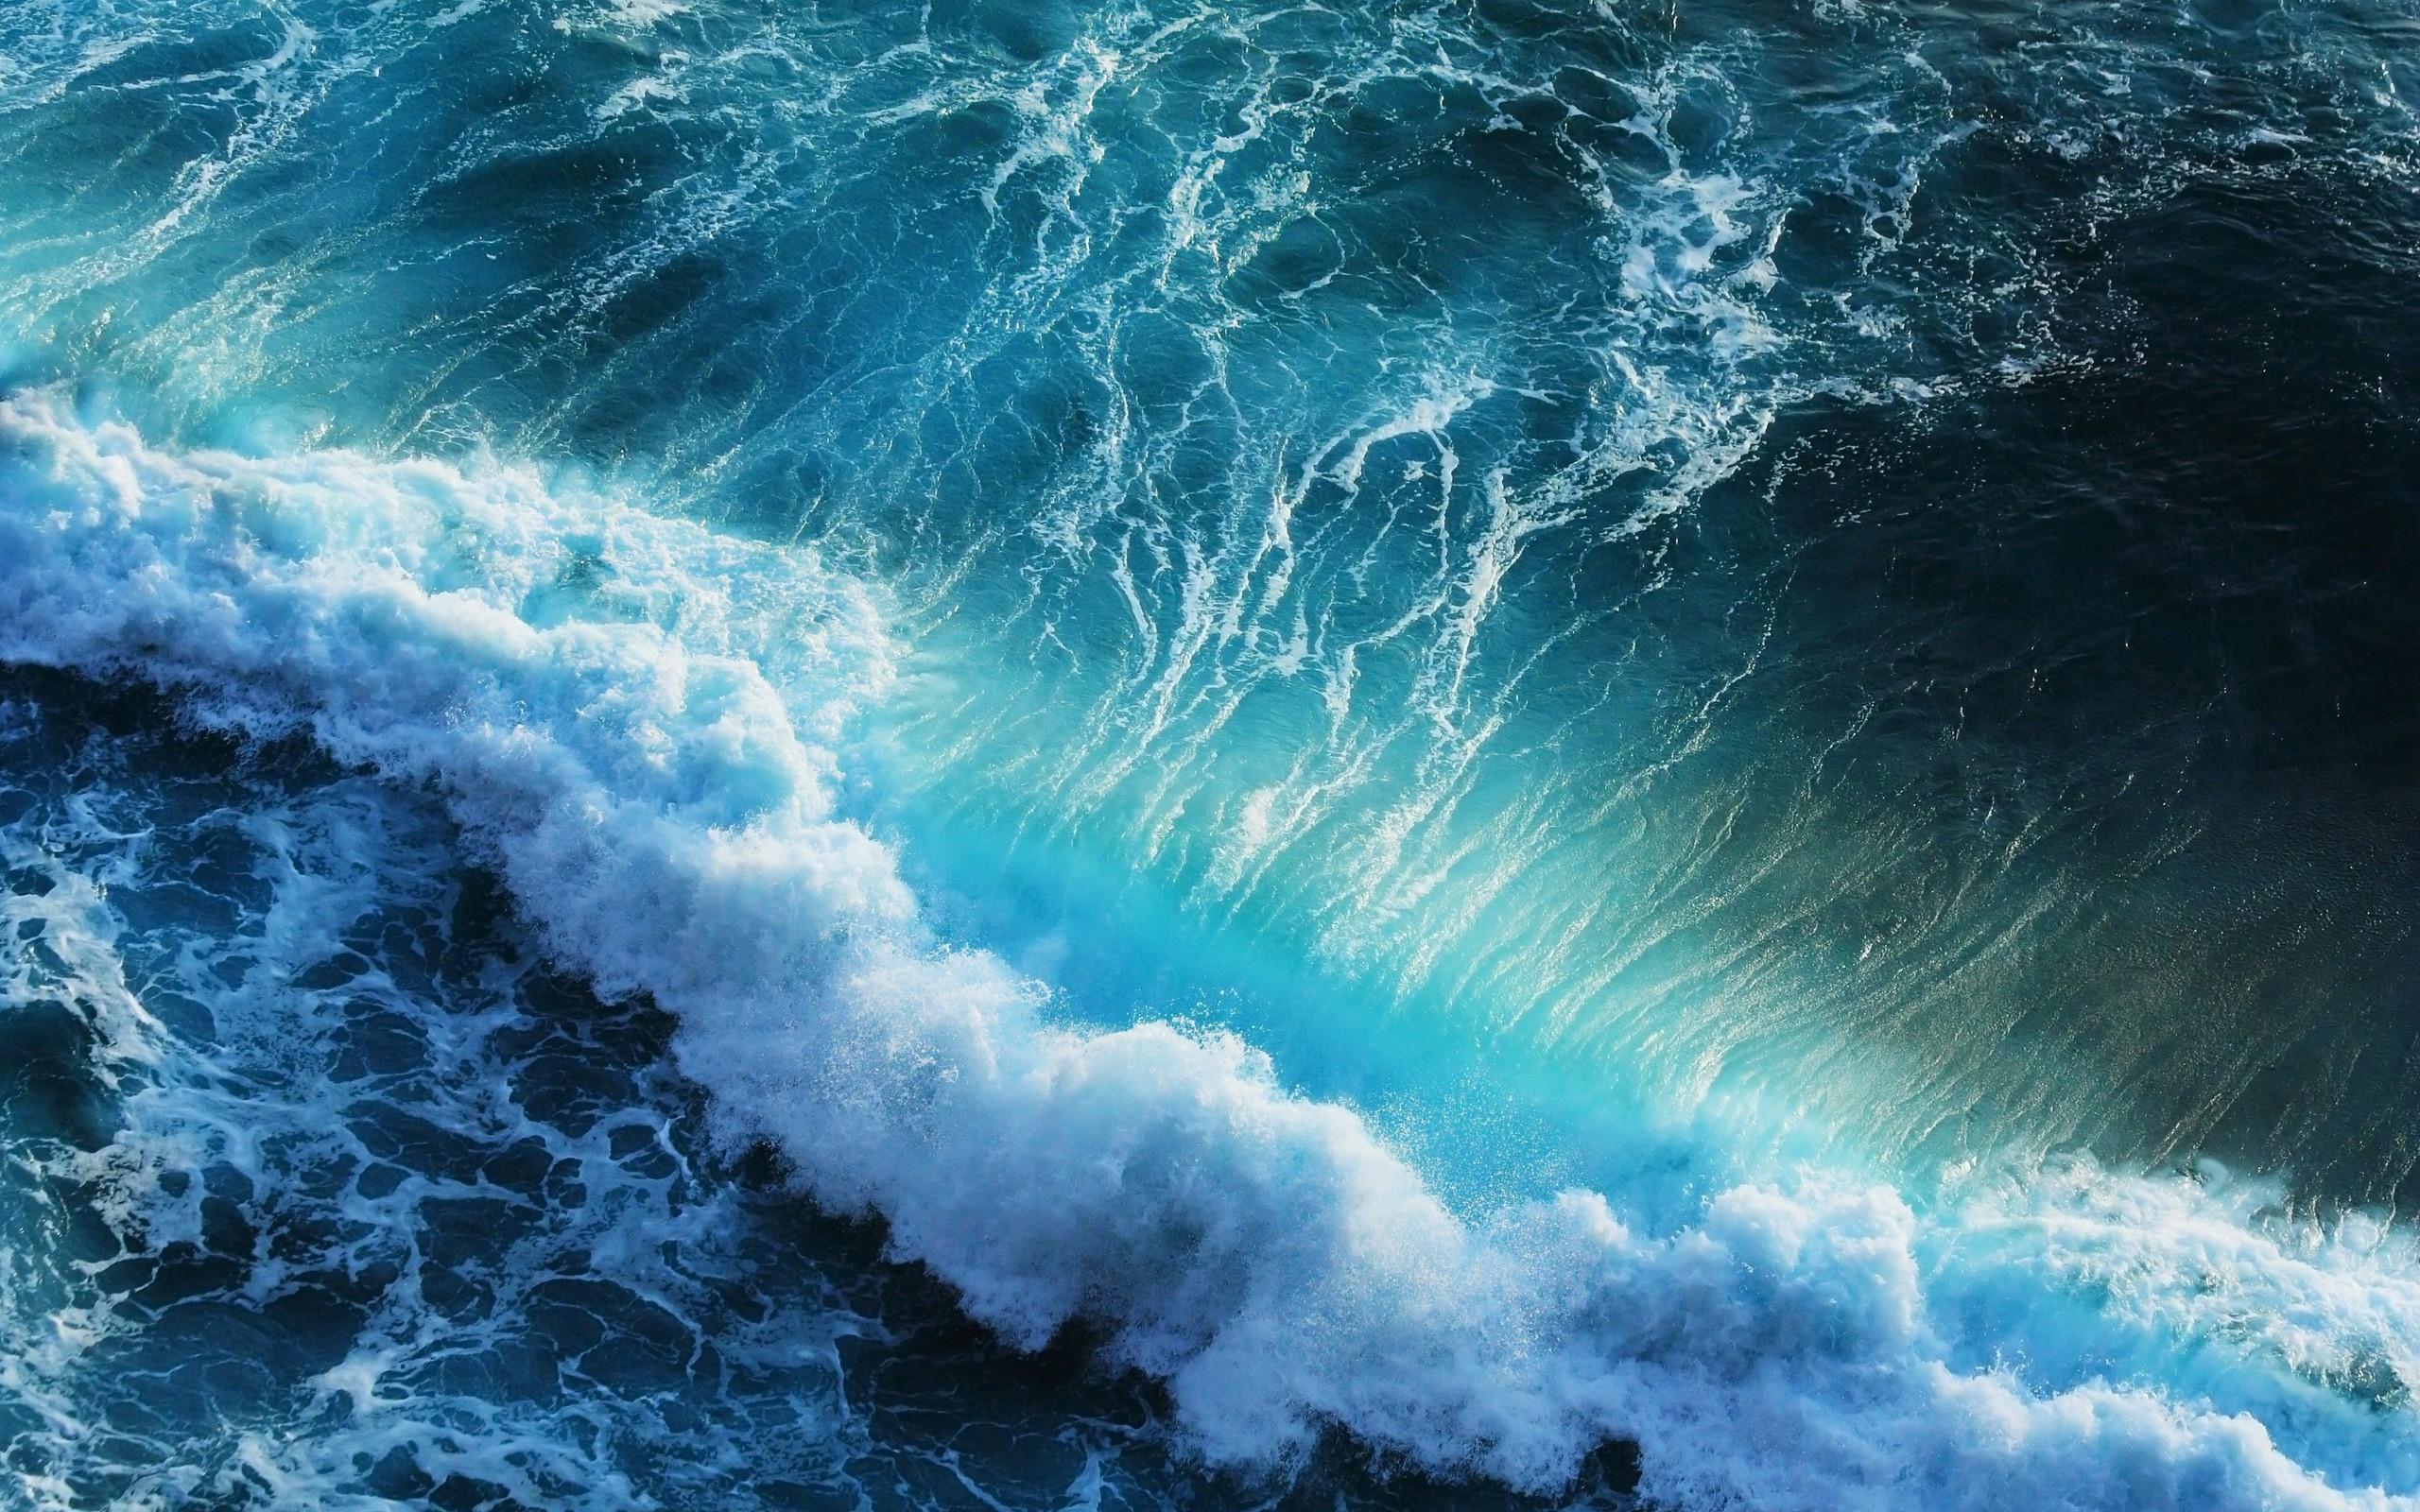 Beach Waves Wallpapers Sky HD Wallpaper 2560x1600